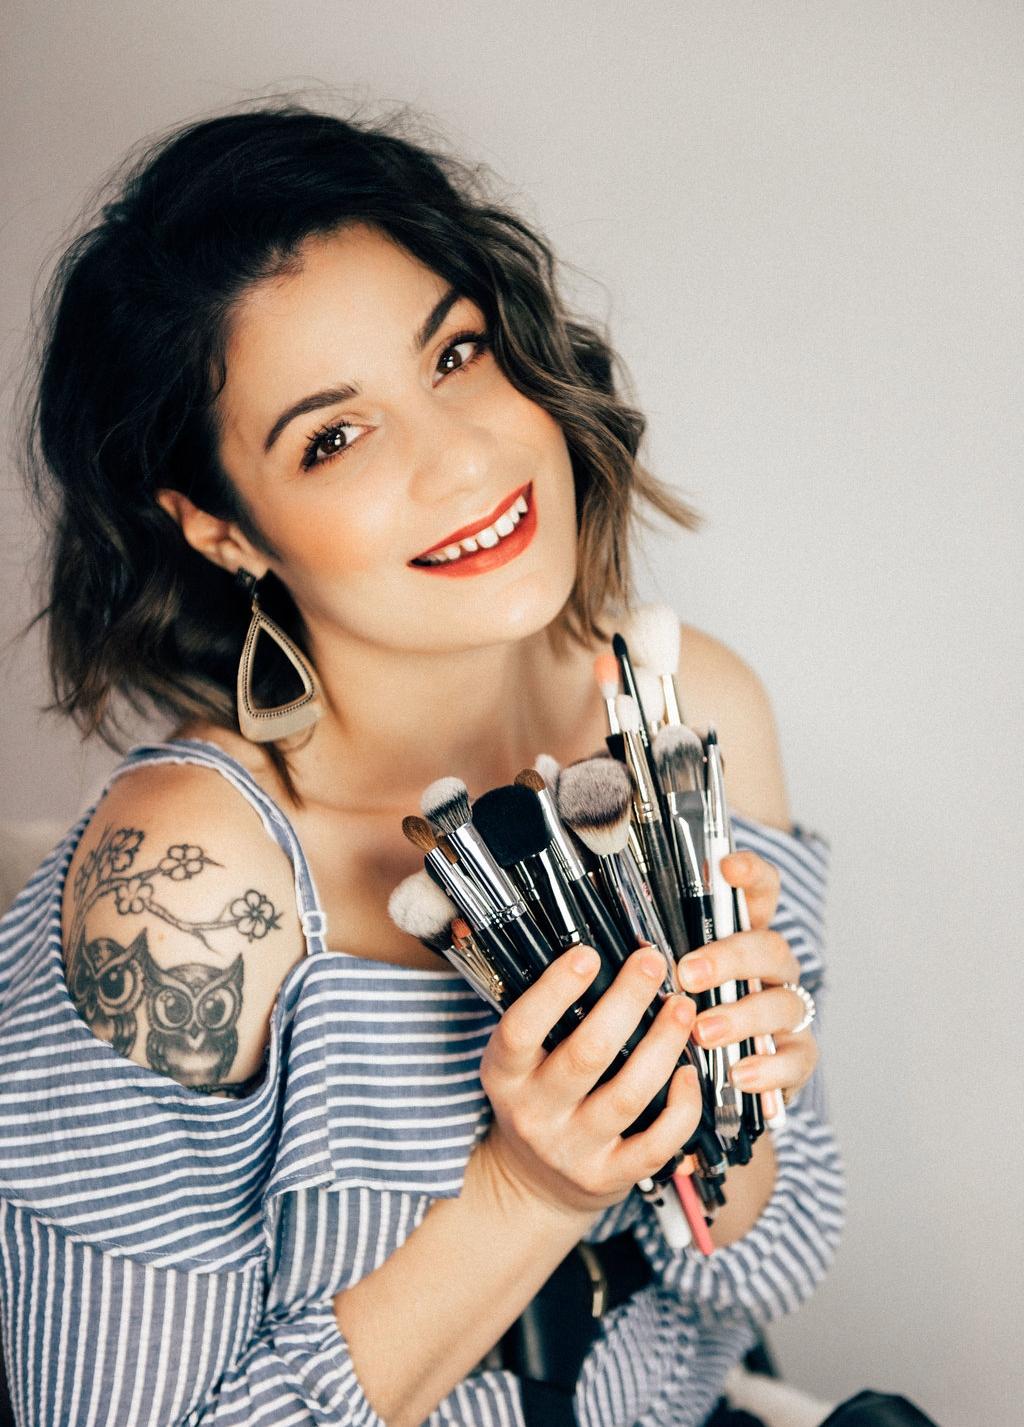 Alice Annalynn - Makeup Artist